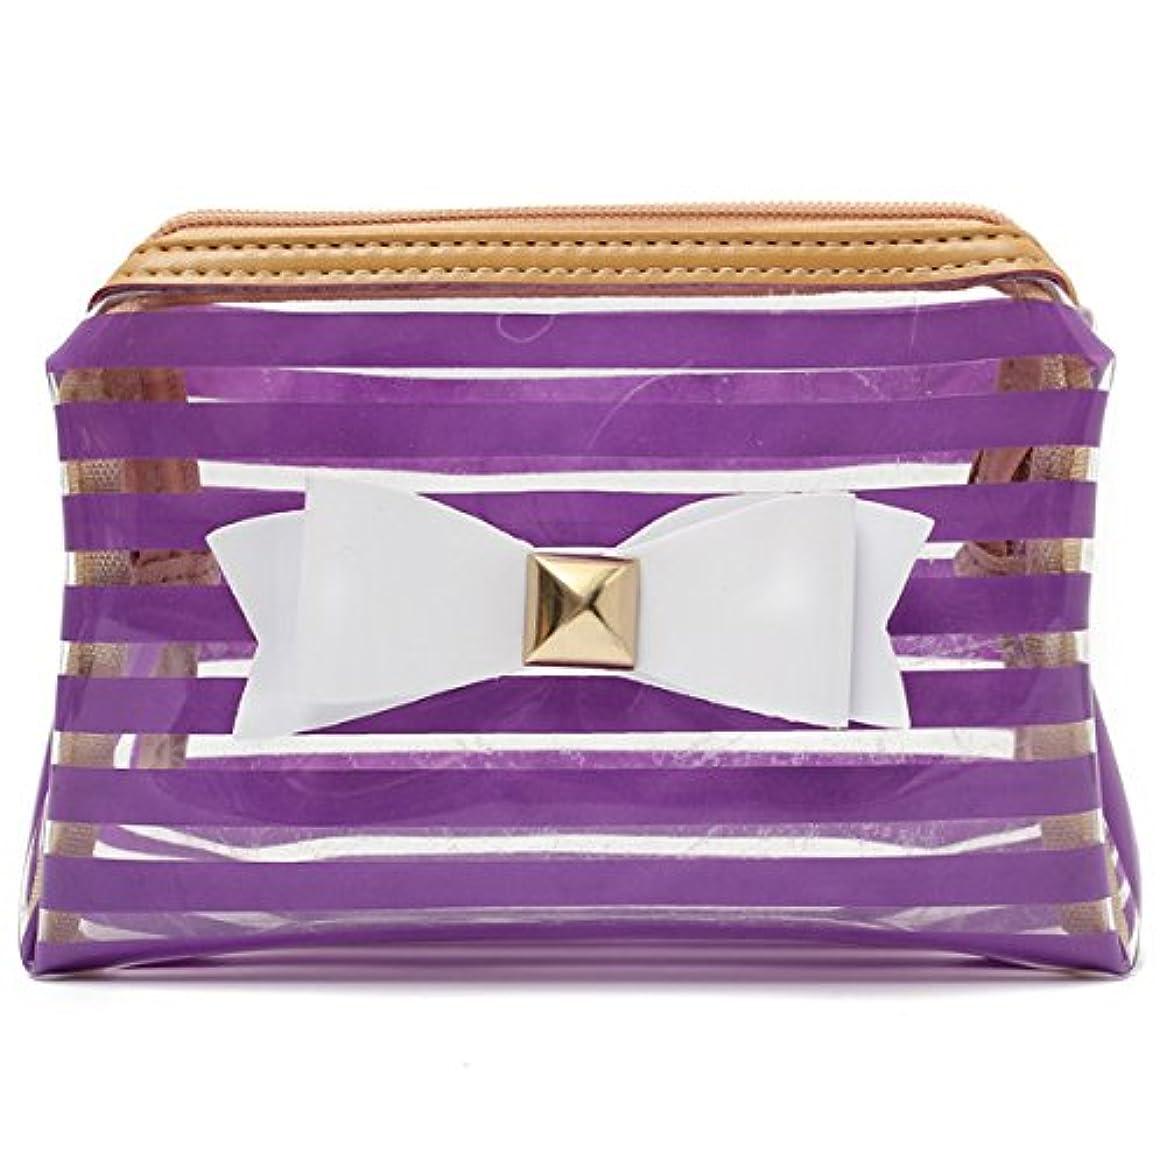 パプアニューギニア百書士YZUEYT ストライプ透明な化粧品のバッグ旅行PVCボウタイはオーガナイザーケースを作る YZUEYT (Color : Color Purple Hippo)